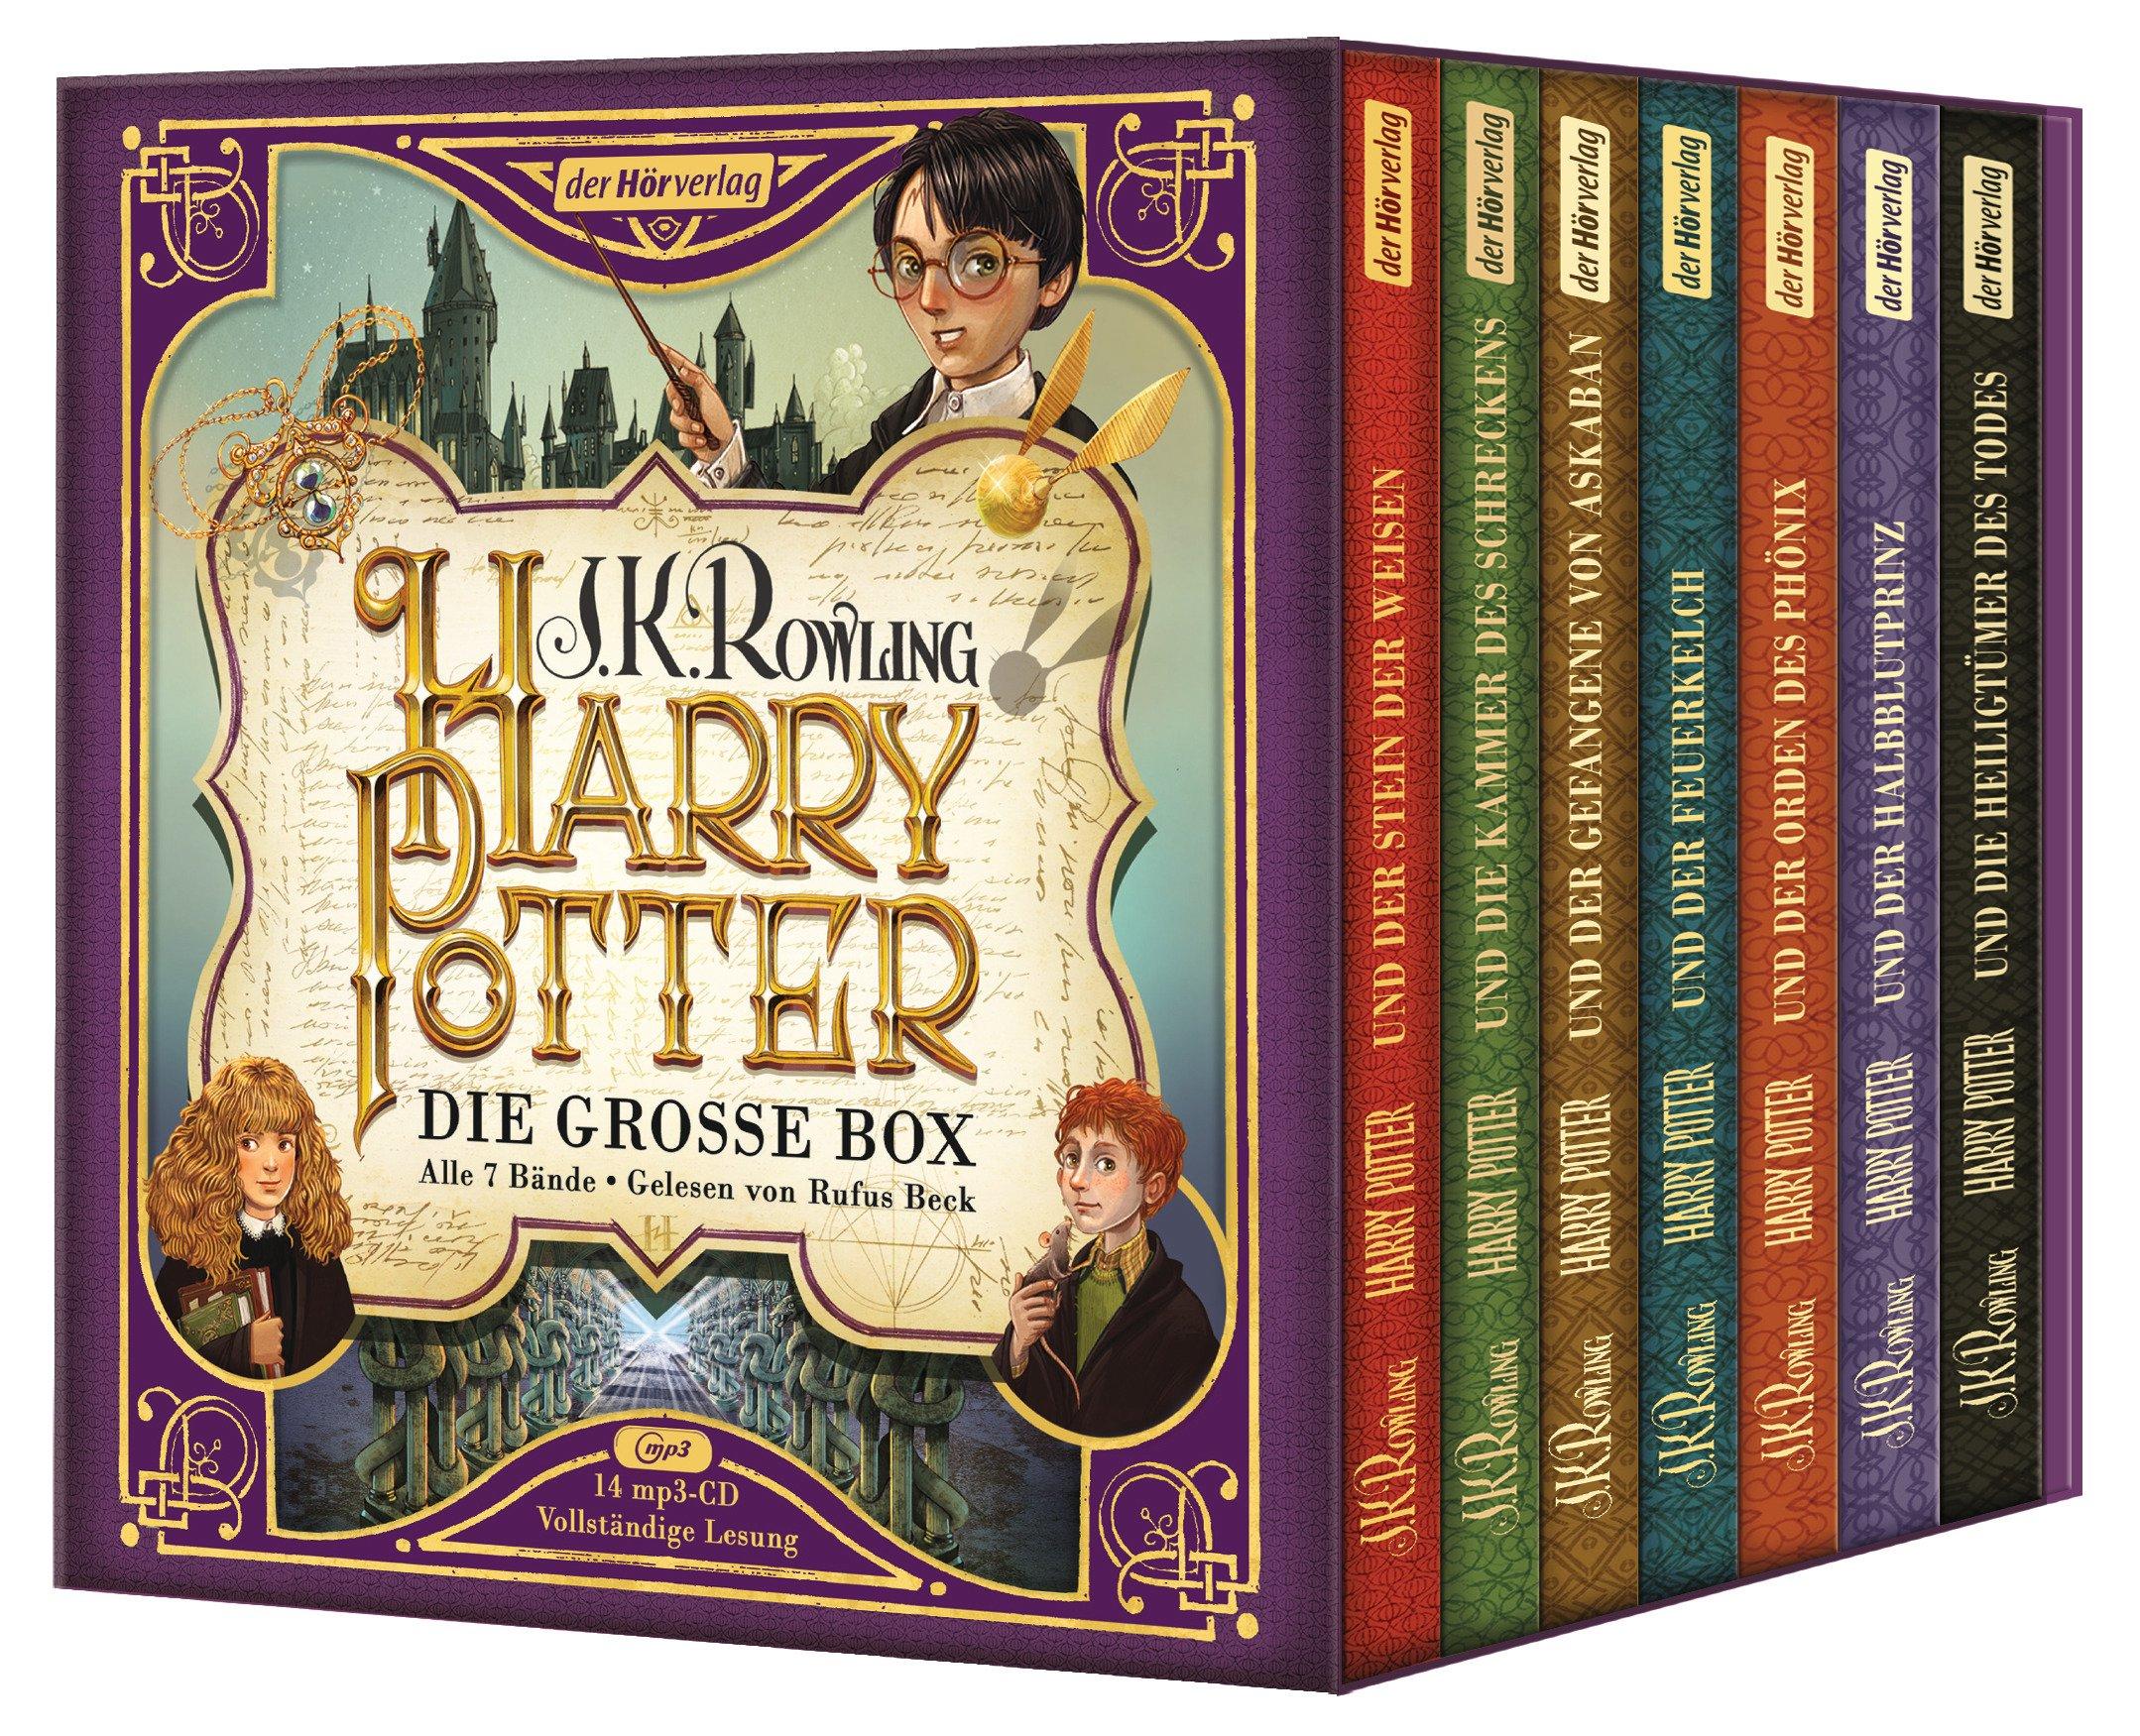 Harry Potter Die Grosse Box Zum Jubilaum Alle 7 Bande Gelesen Von Rufus Beck Amazon Es Rowling J K Beck Rufus Fritz Klaus Libros En Idiomas Extranjeros